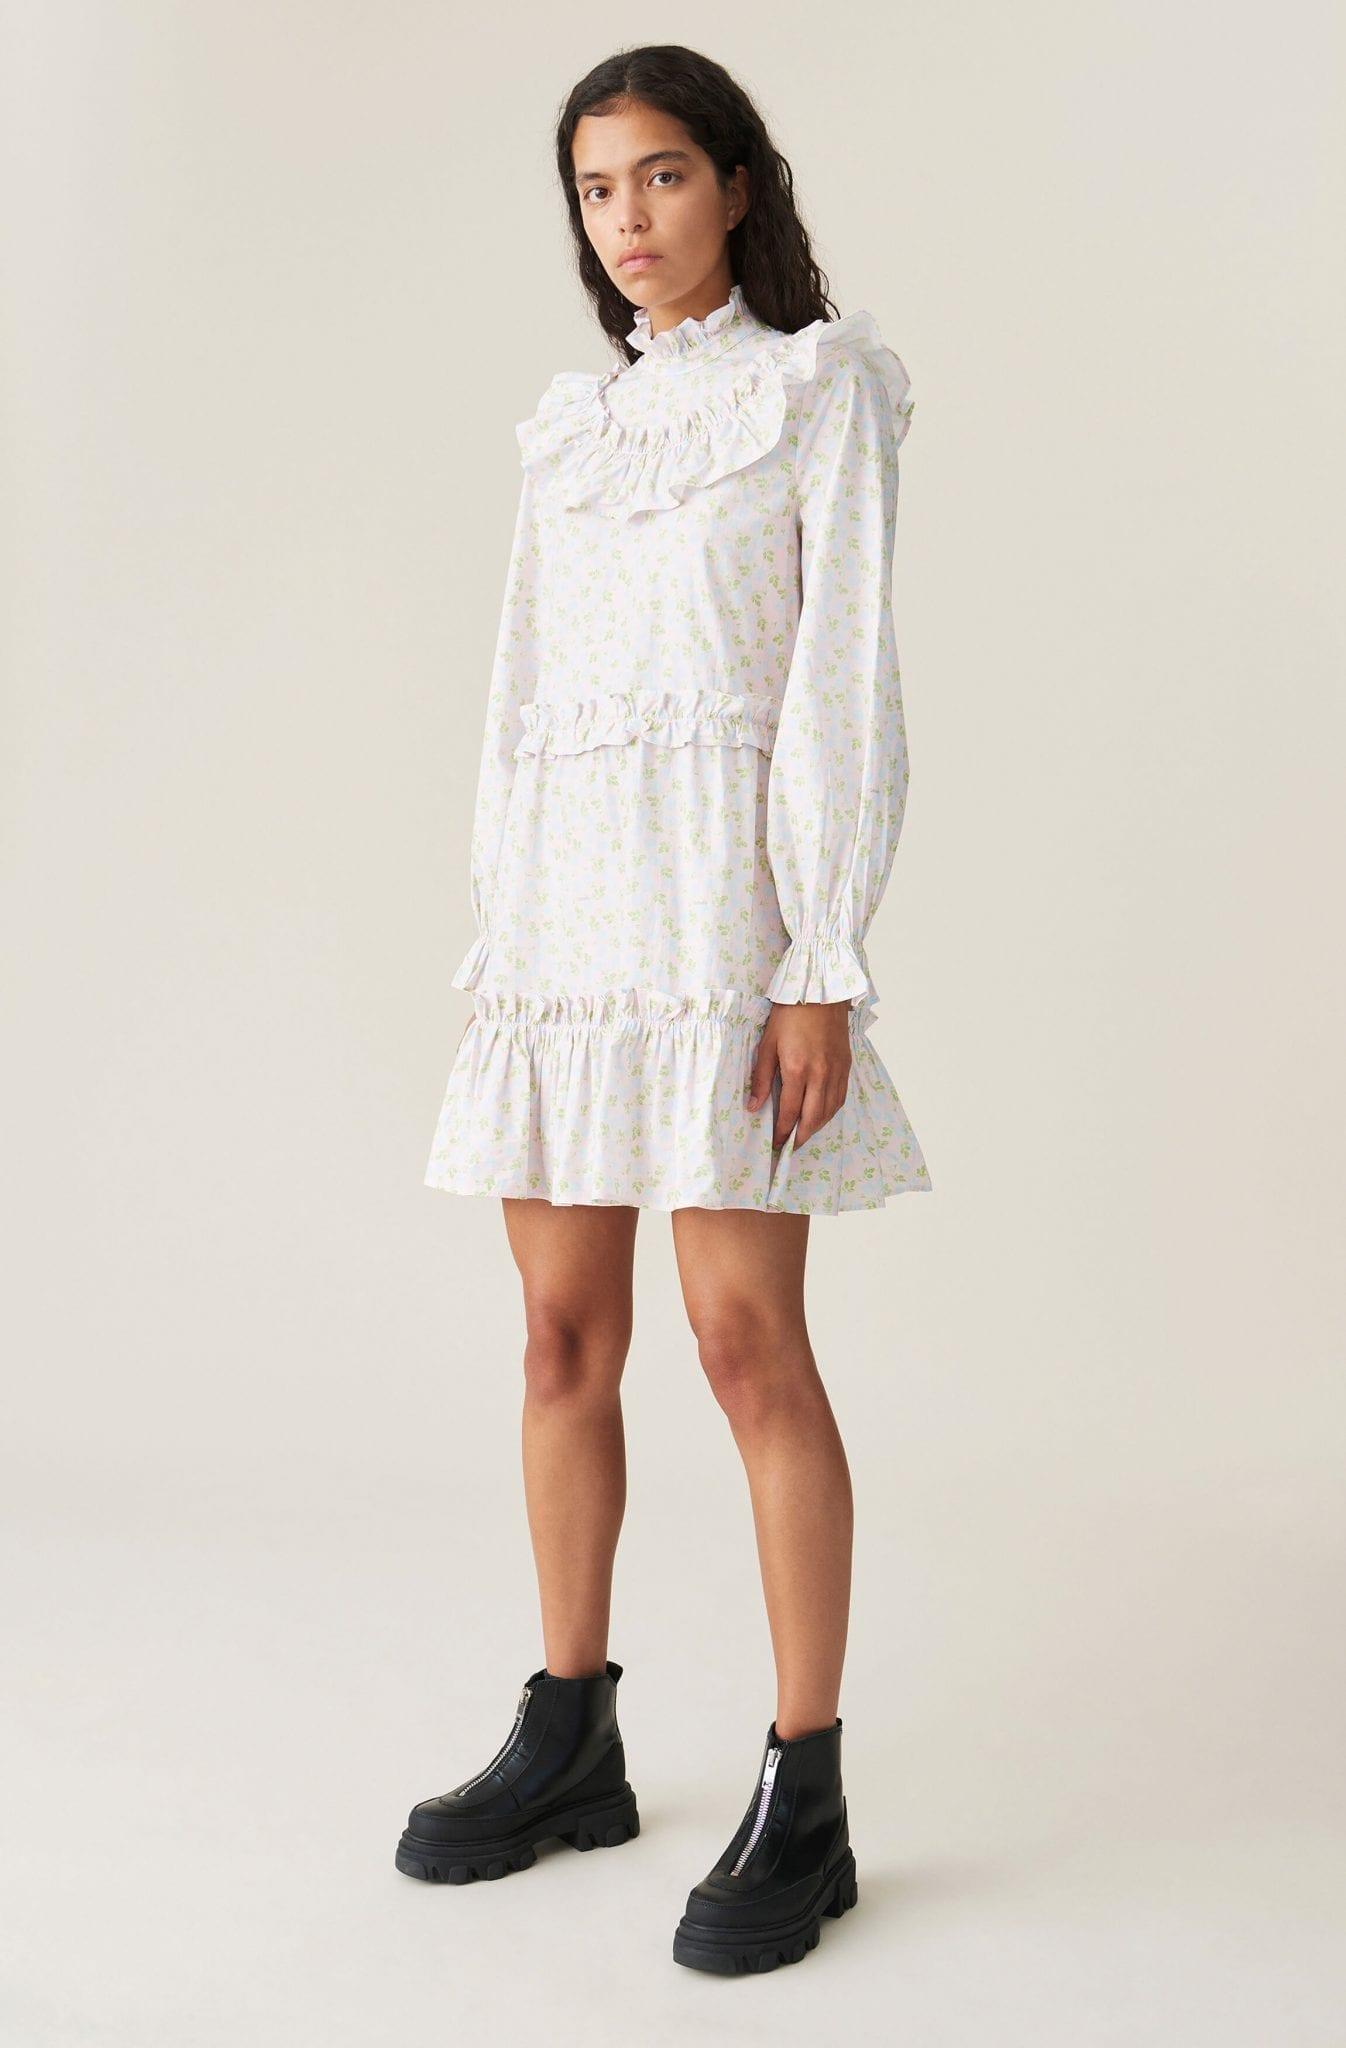 GANNI Printed Cotton Poplin Frill Mini Dress